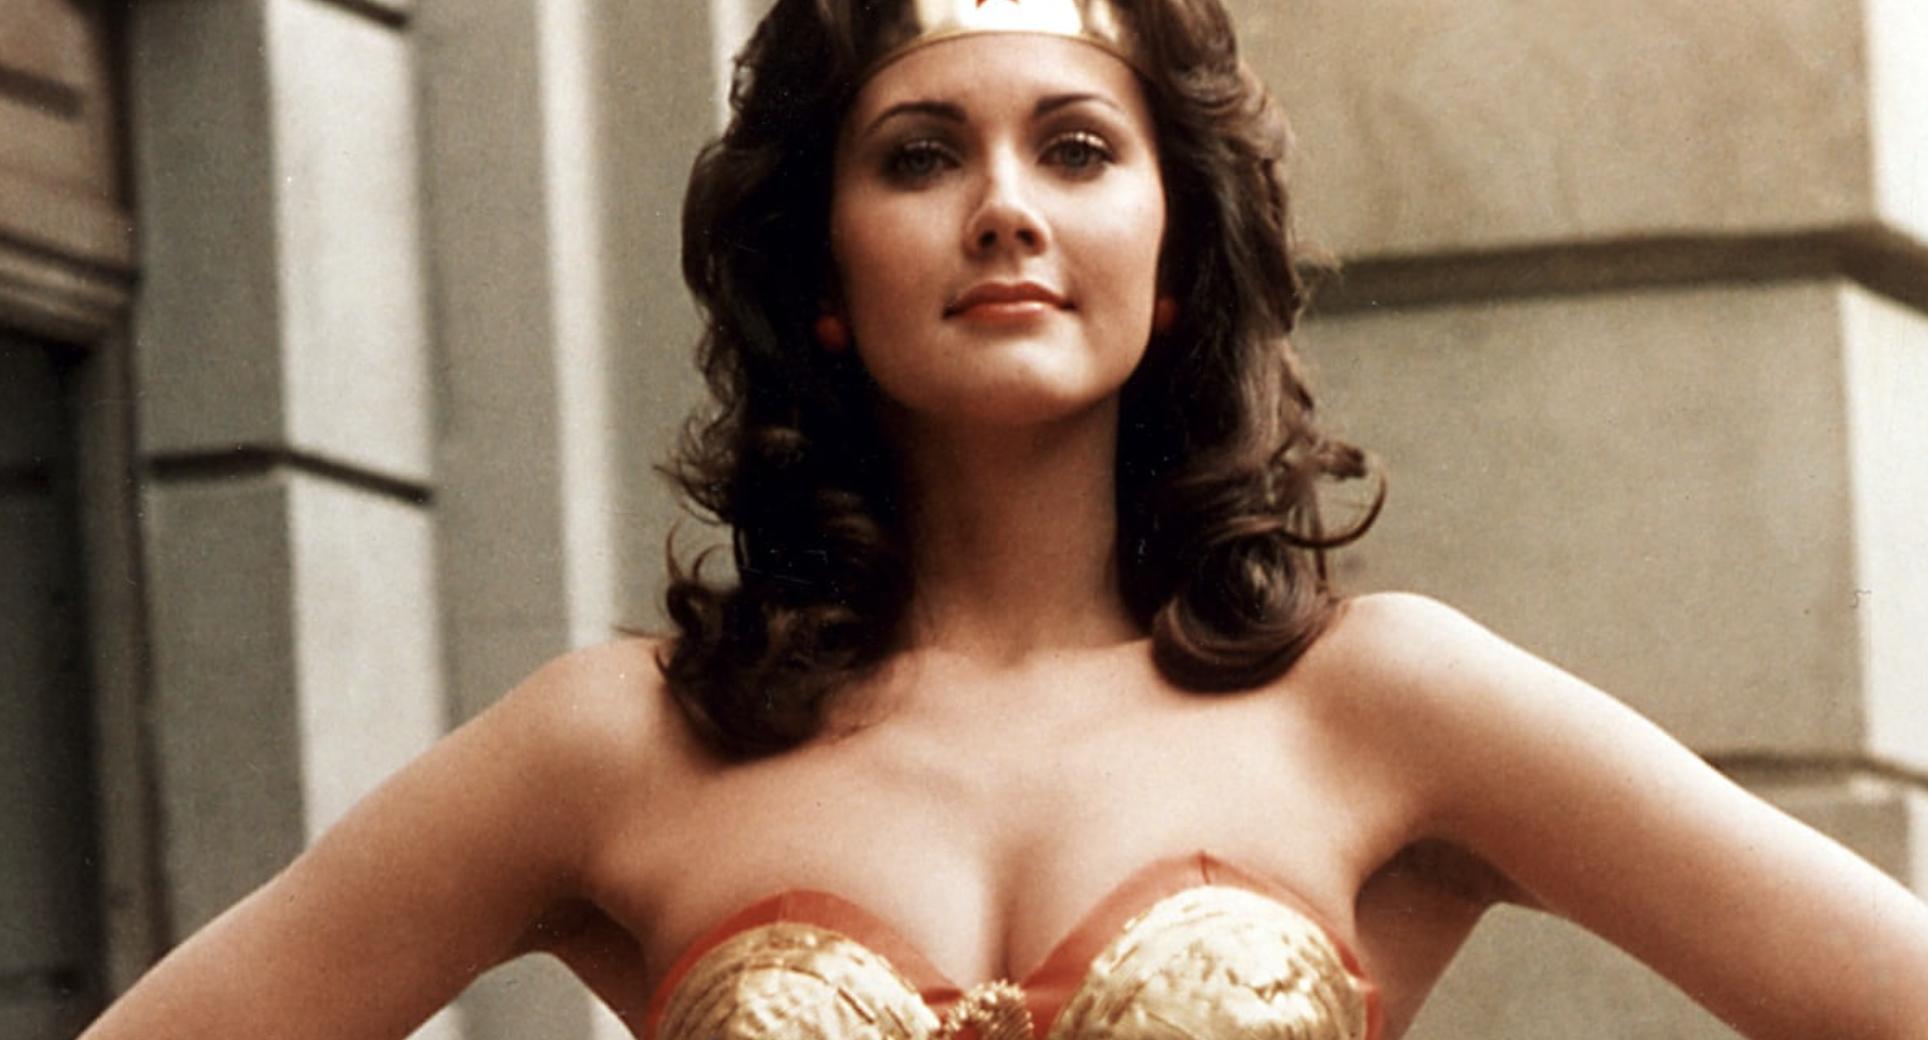 The Flash : Lynda Carter, l'ancienne Wonder Woman, de retour dans le film ? - CinéSéries